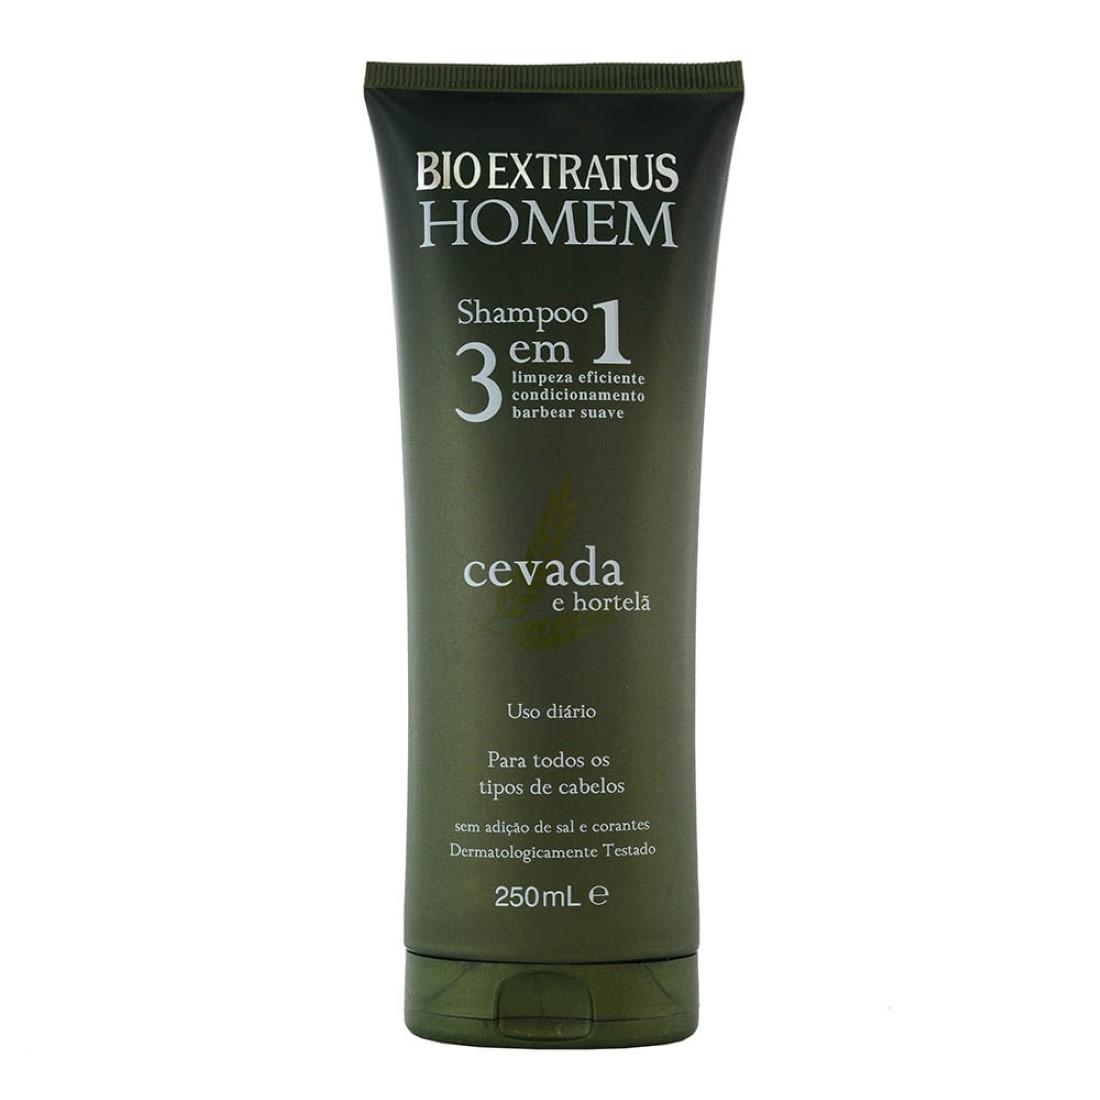 Shampoo 3 em 1 Homem 250ml - Bio Extratus